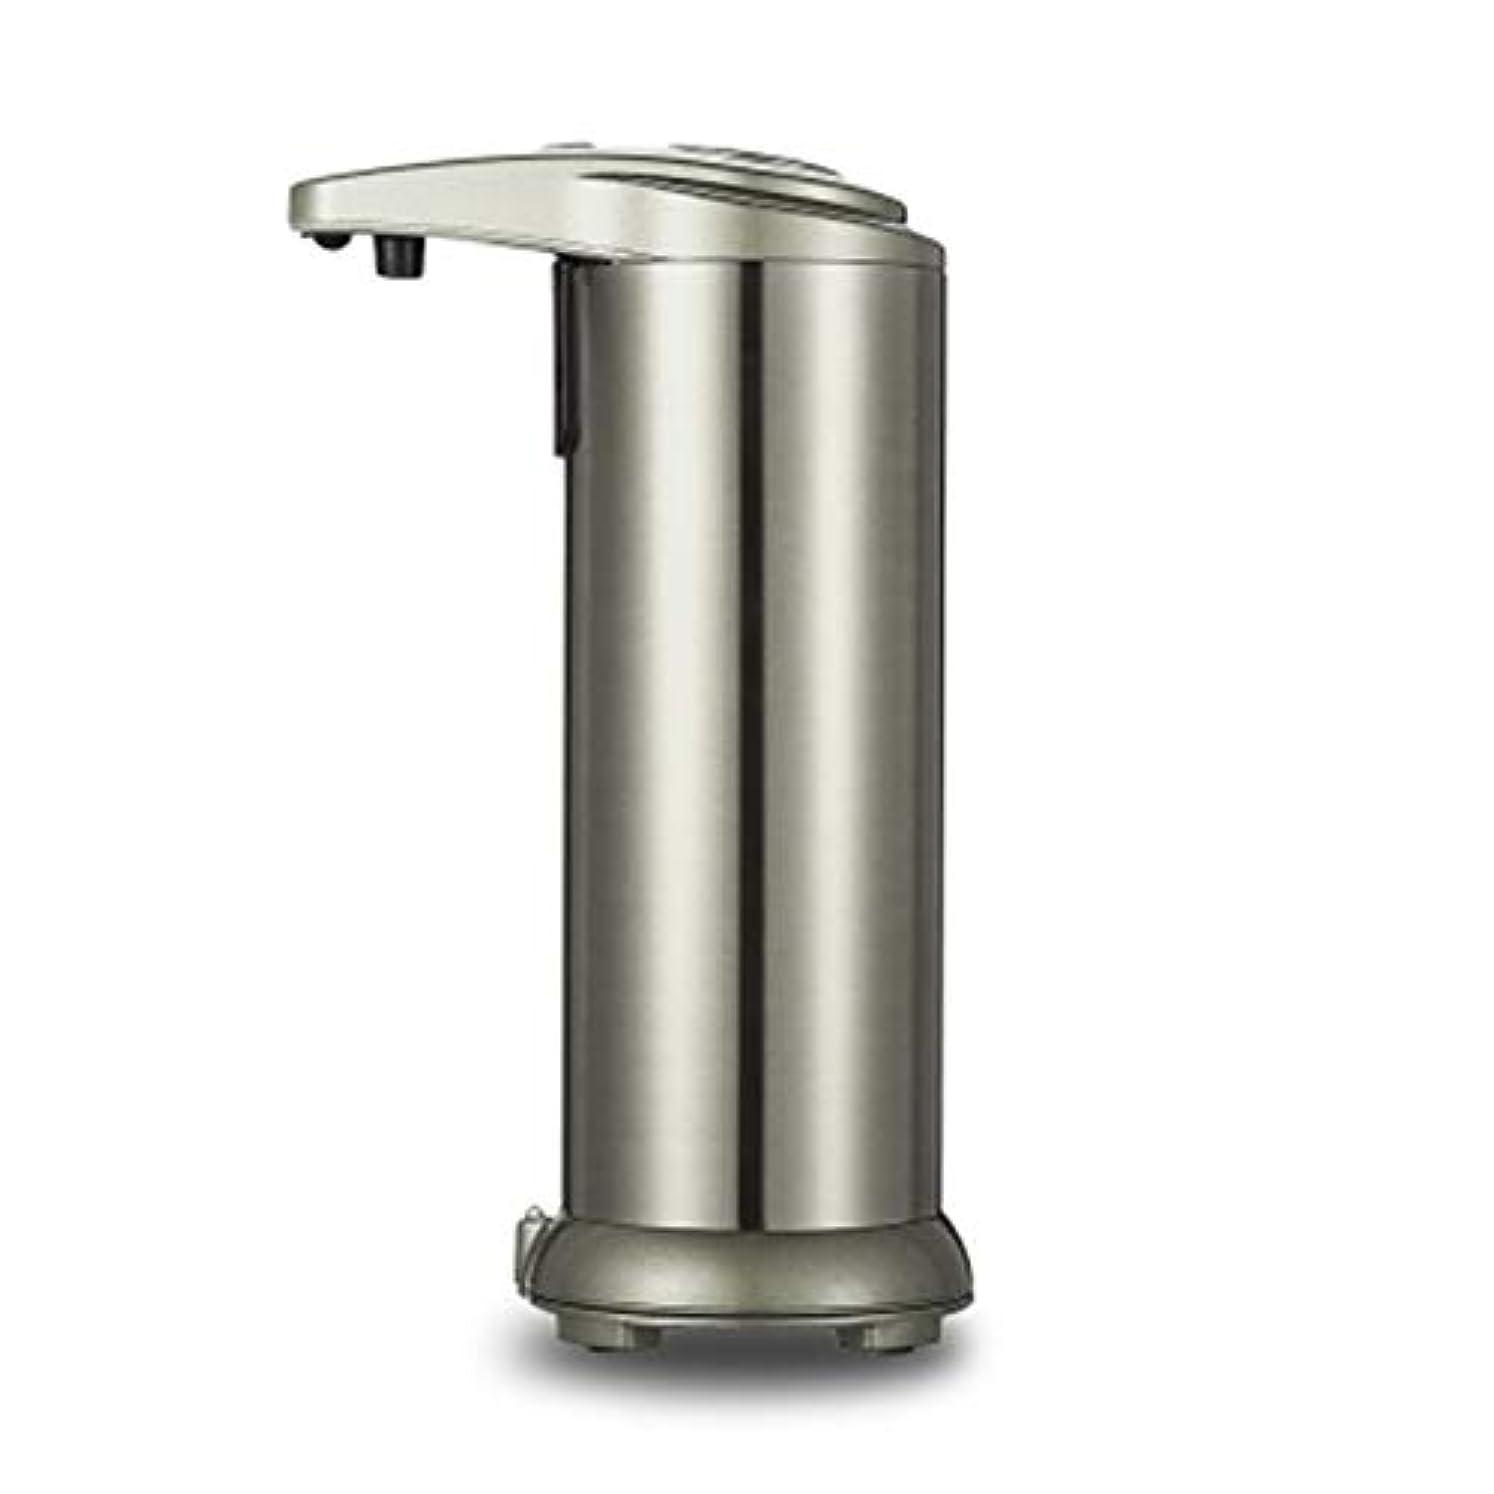 リハーサル腐食するに慣れ280mlシャワーのステンレス鋼センサーの接触自由な石鹸のシャンプーディスペンサー